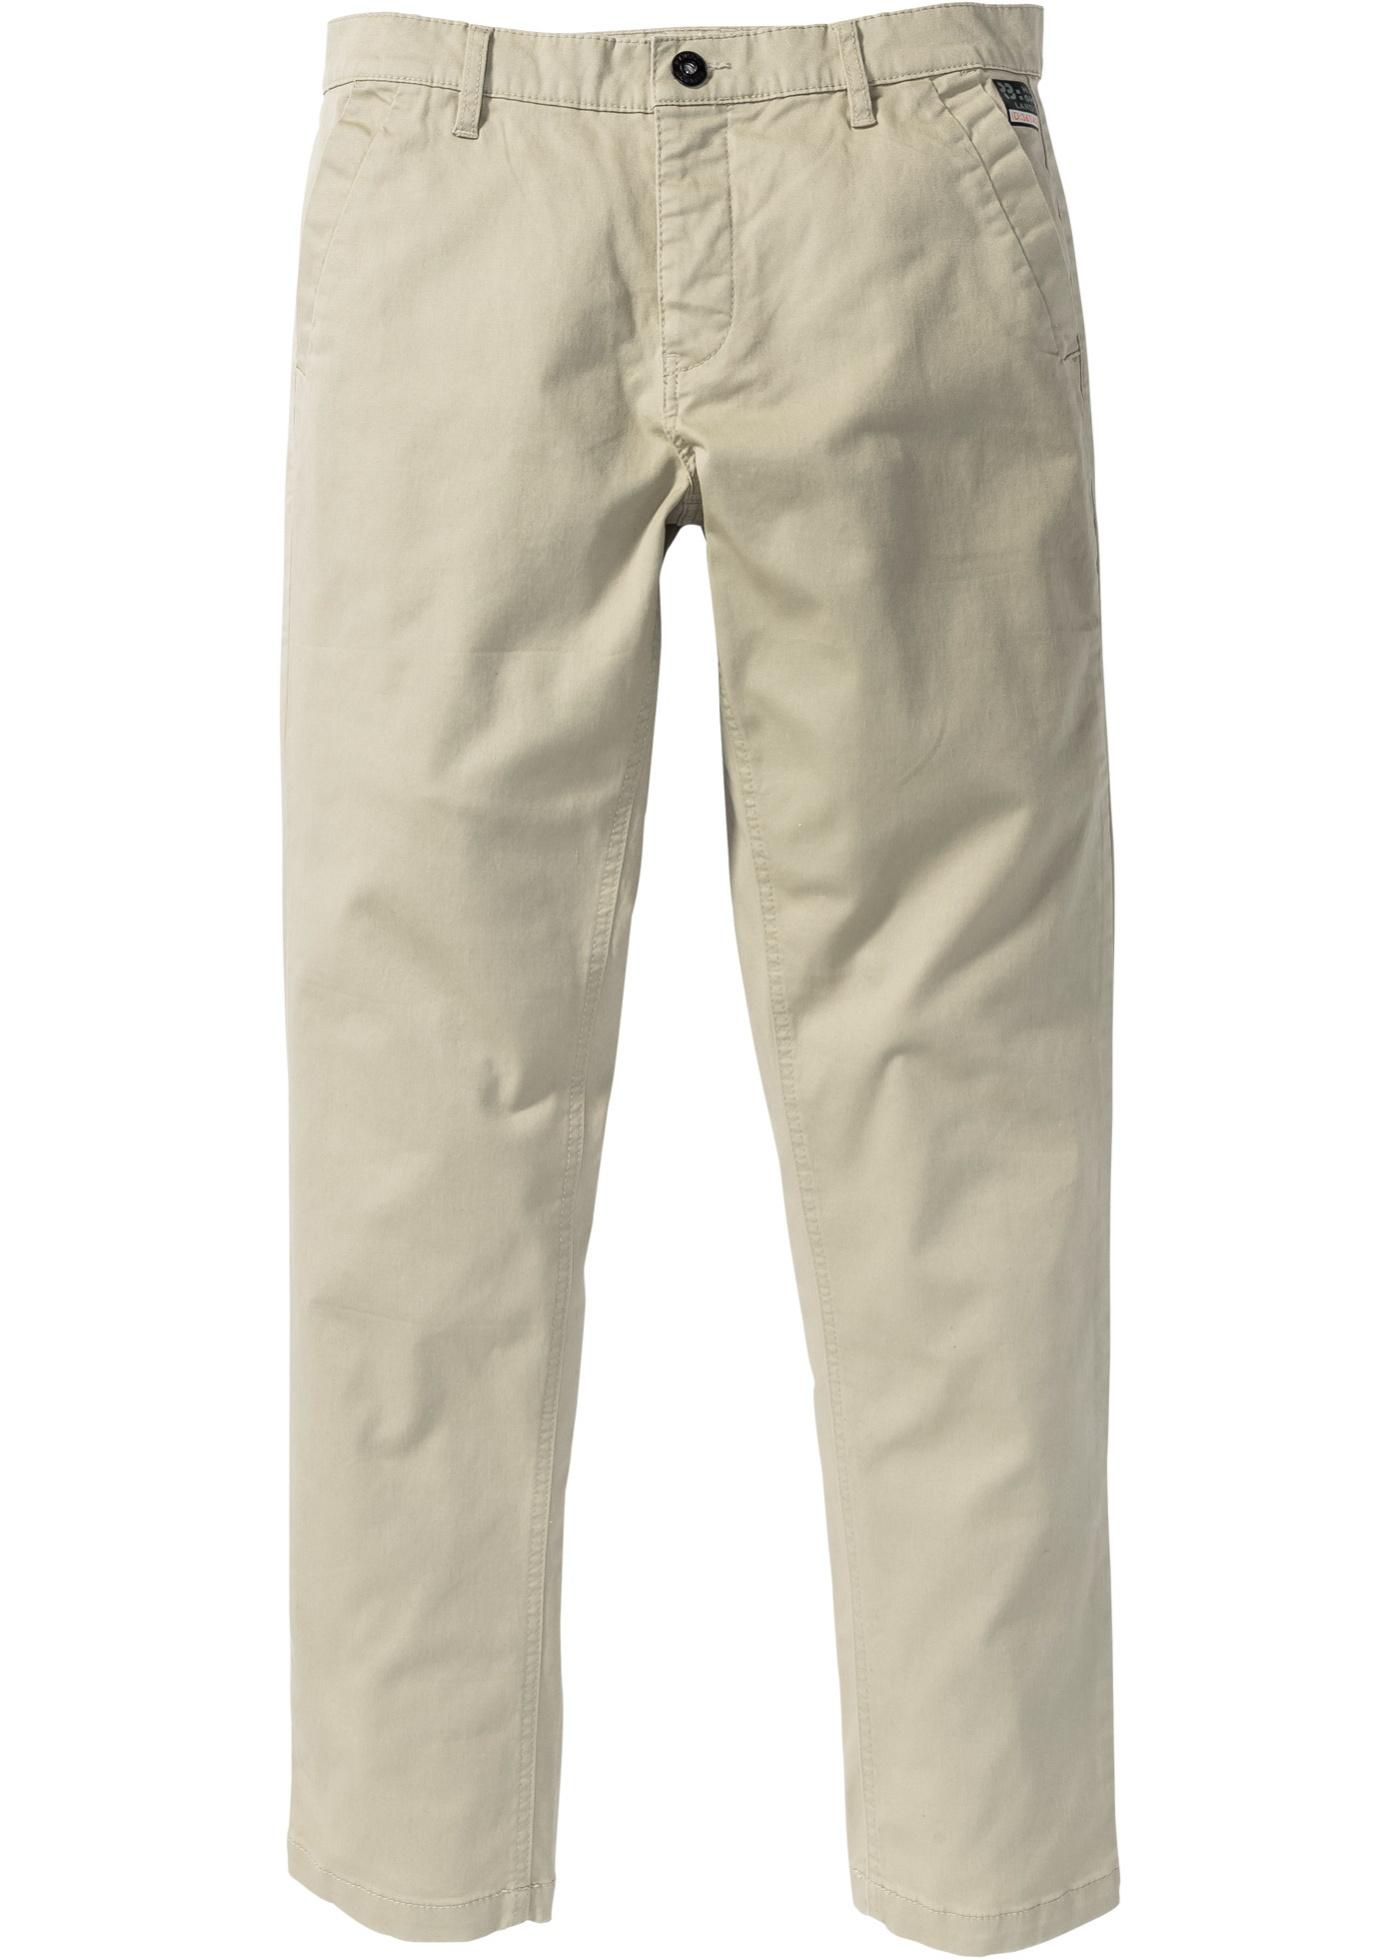 Pantalone elasticizzato r